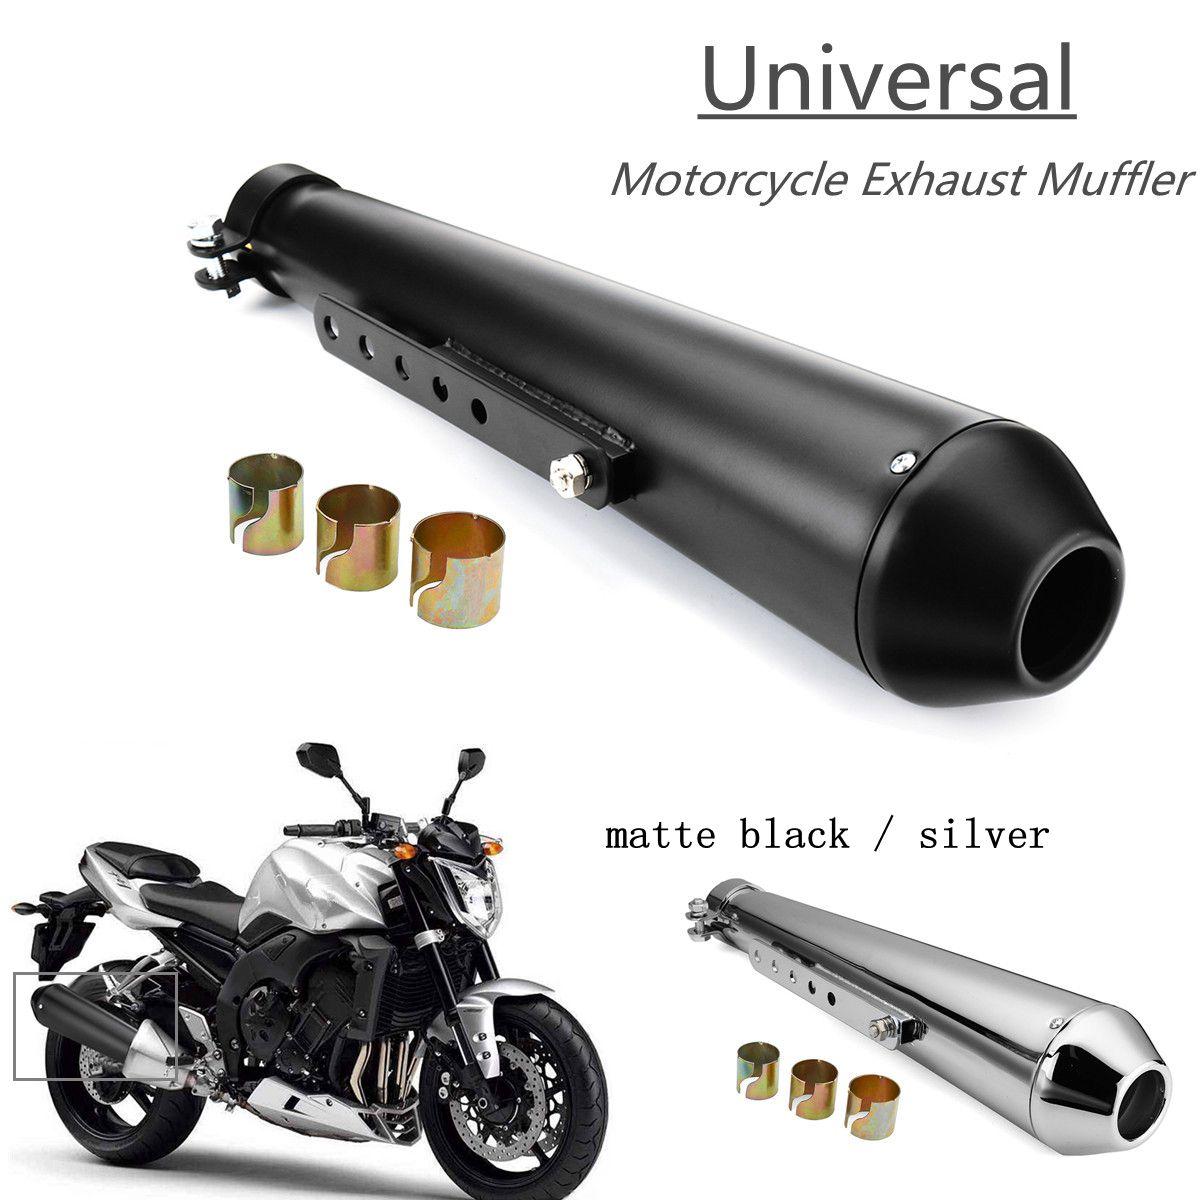 Мотоцикл Кафе Racer выхлопной трубы с раздвижной кронштейн матовый черный, серебристый цвет универсальный